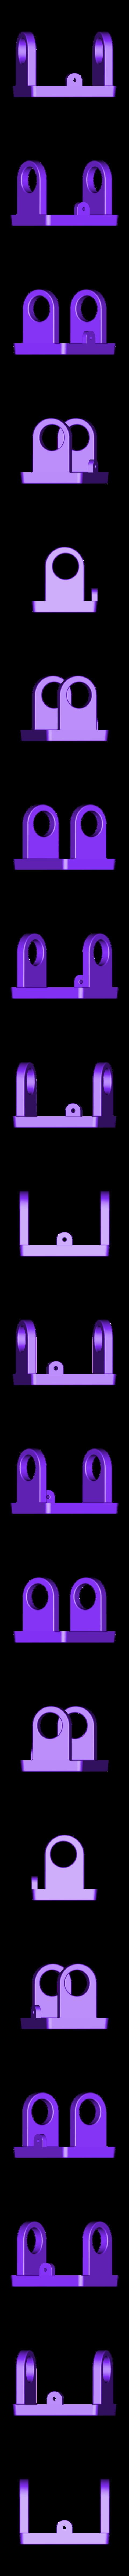 solder-stand.STL Télécharger fichier STL gratuit support de bobine de station à souder et extras • Design pour imprimante 3D, rubenzilzer